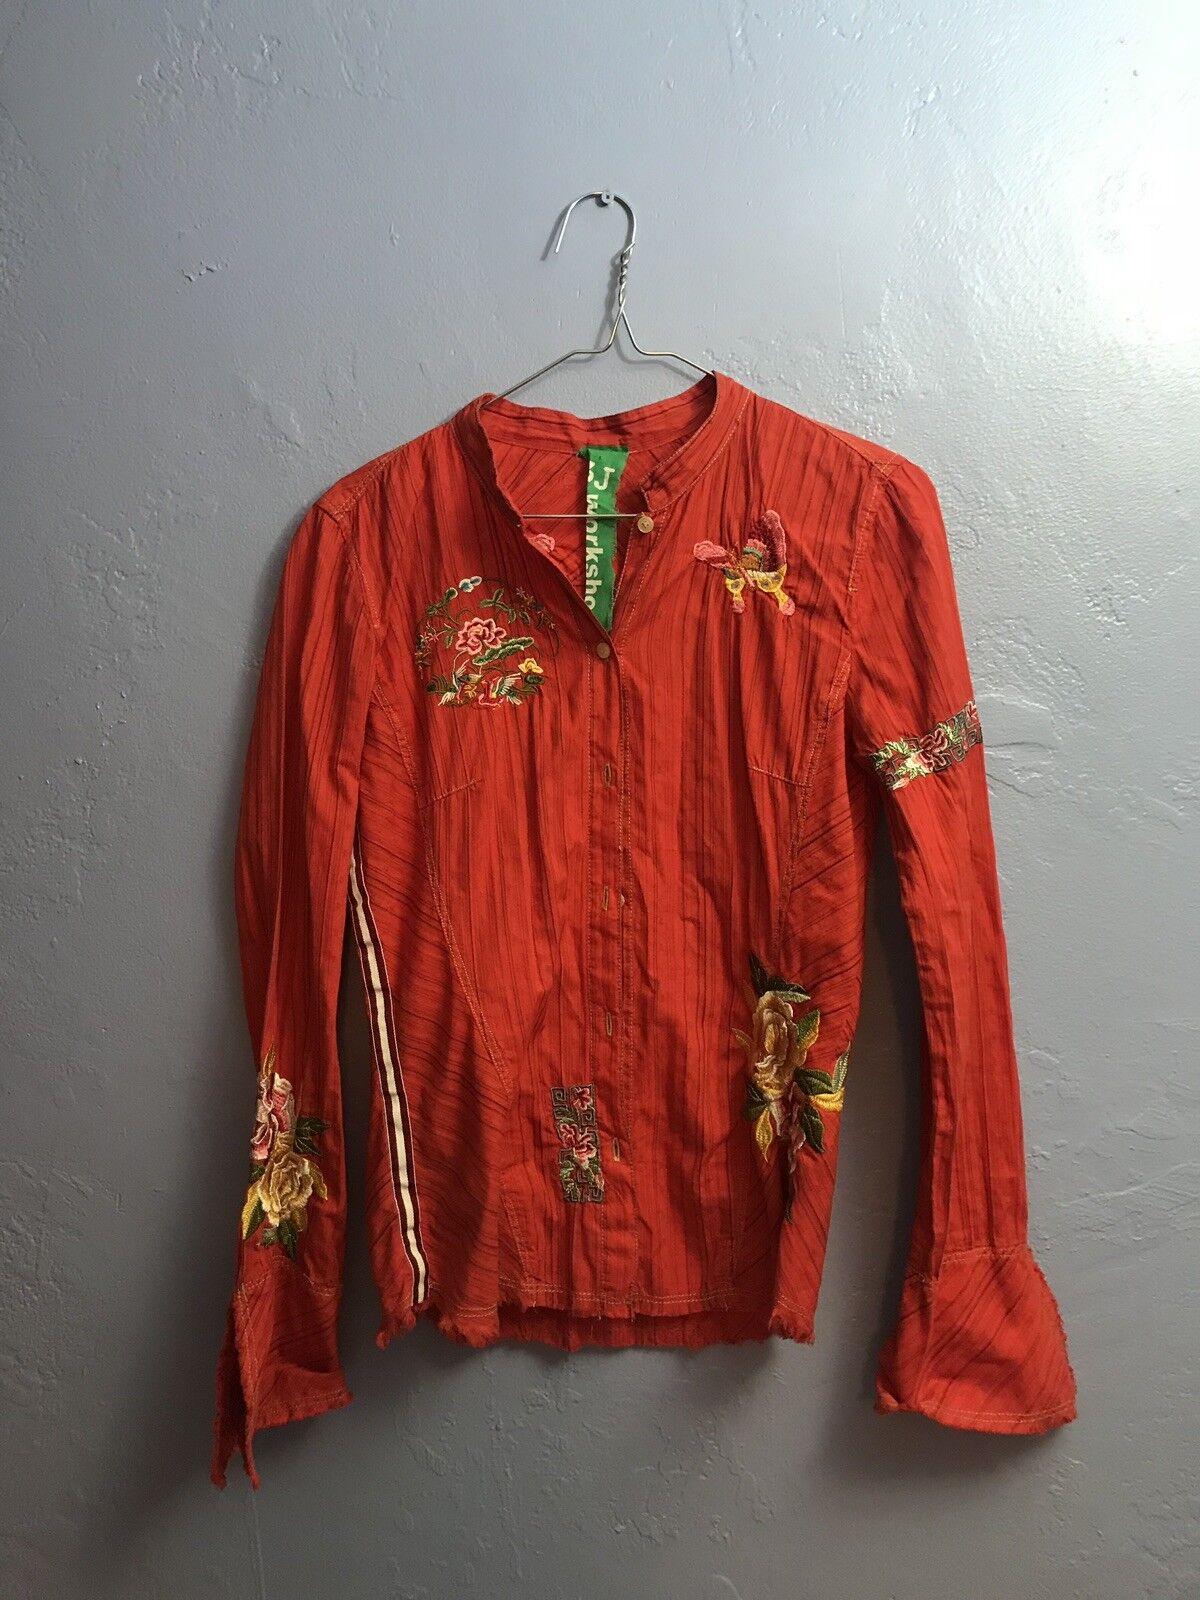 Johnny Was 3J Workshop orange Long Sleeve Embroirdered Blouse Size S